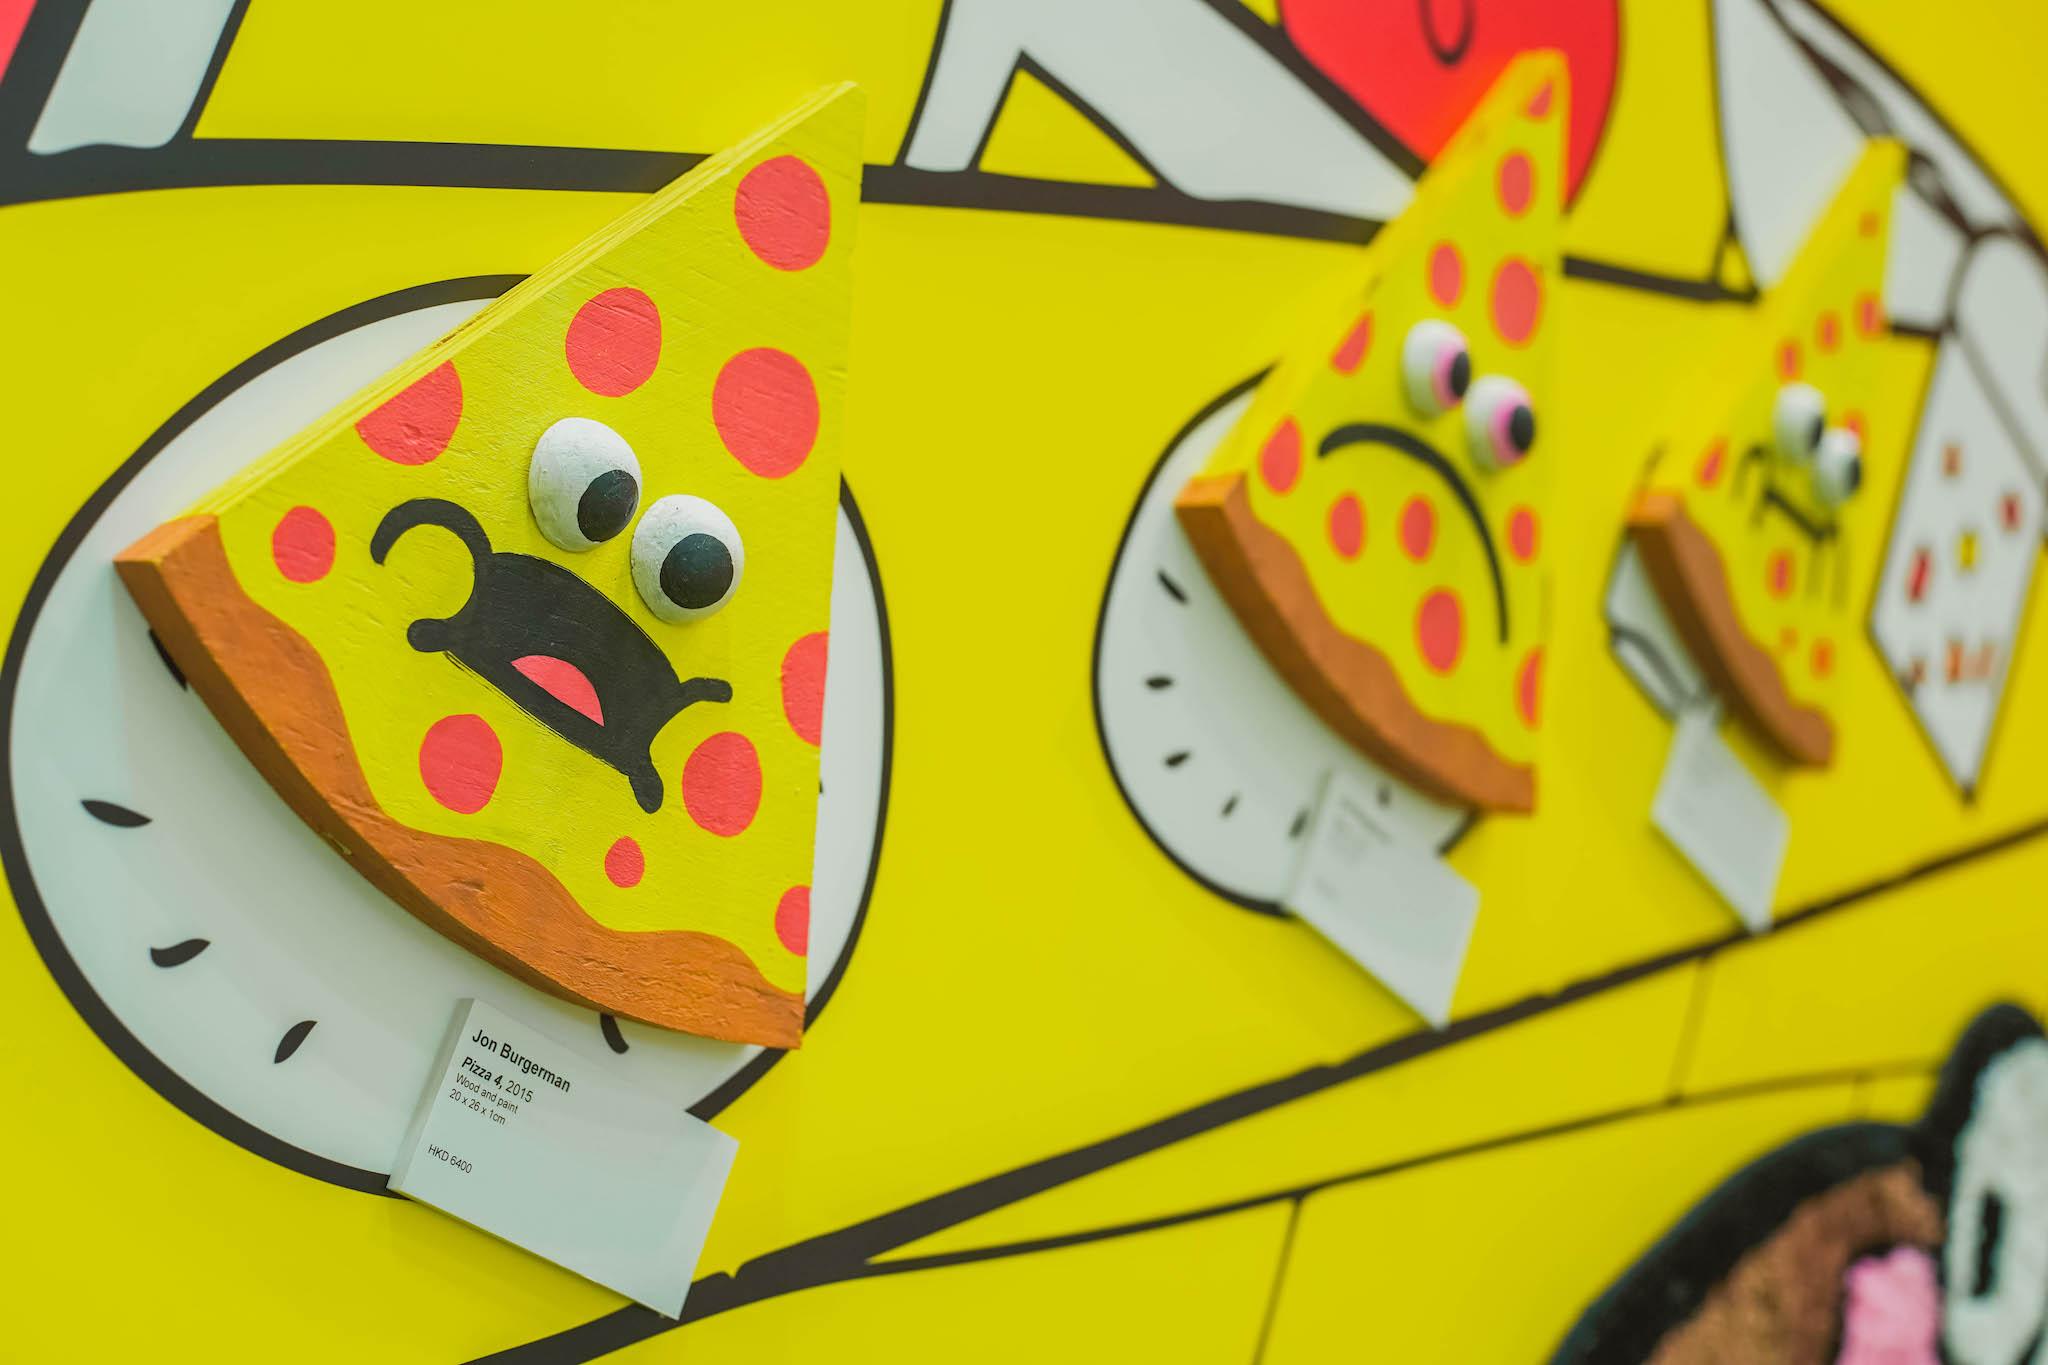 """Exposição coletiva """"Art Bodega"""" no K11 Art Mall, Hong Kong Artes & contextos DSC03765"""